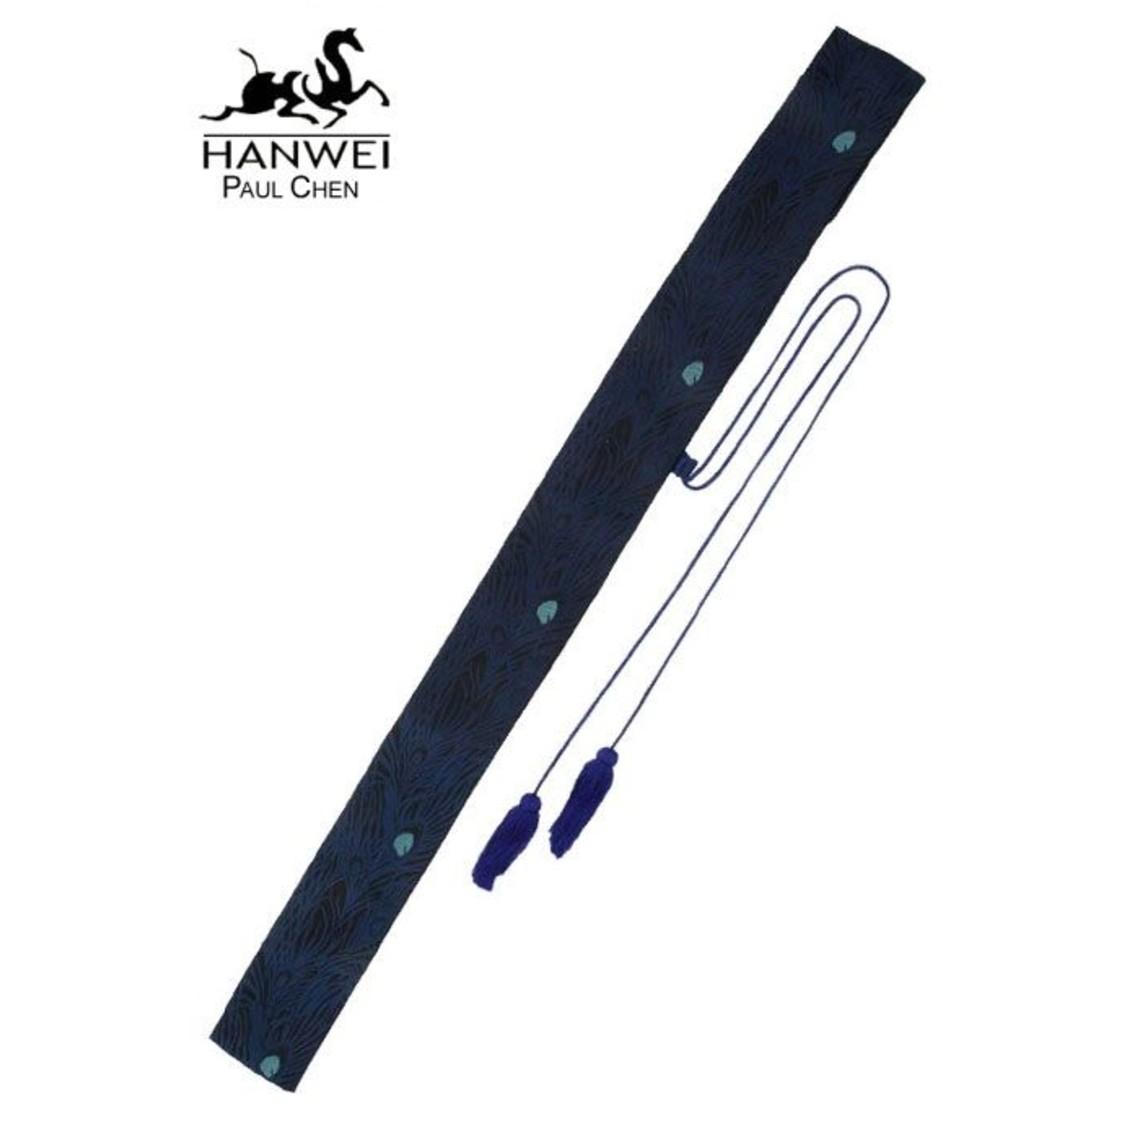 Hanwei Sac pour sabres et bokken japonais, motifs de paon